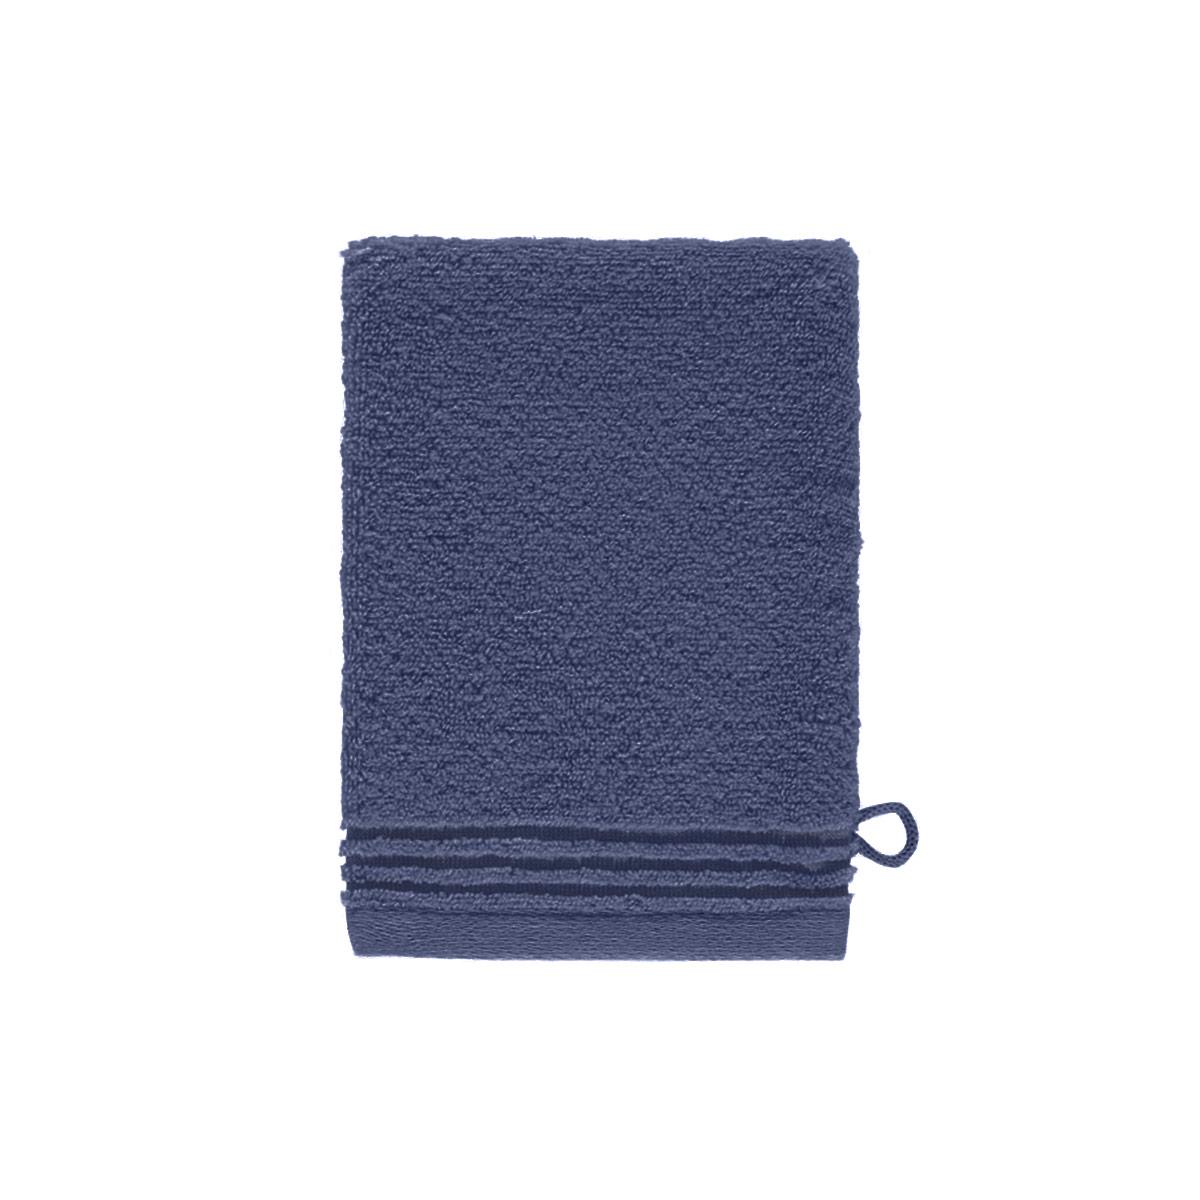 Gant de toilette coton peigné Bleu 15 x 21 cm